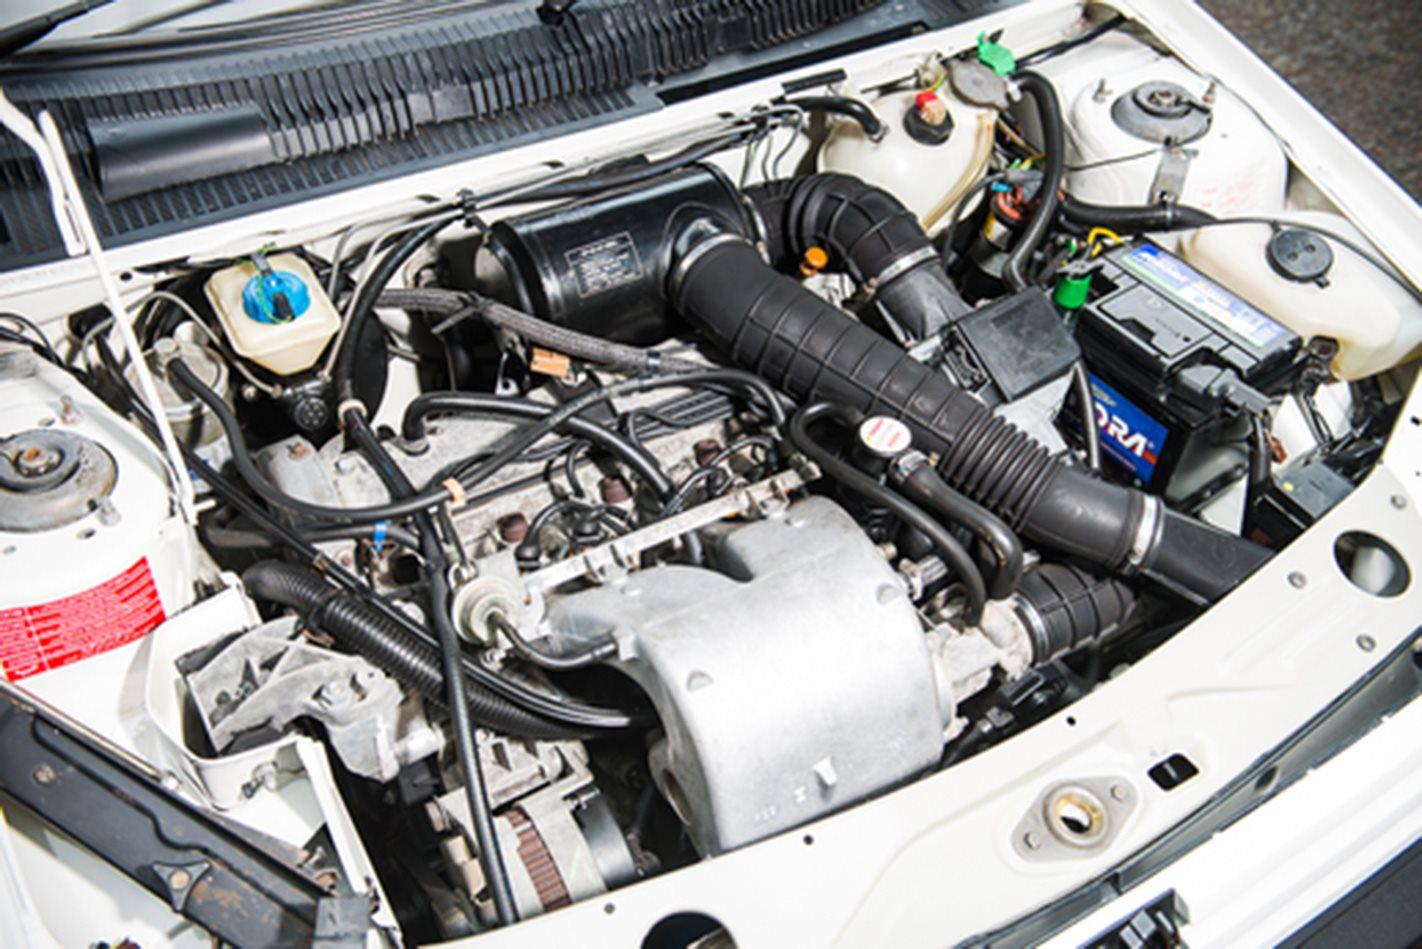 Peugeot 205 GTi engine